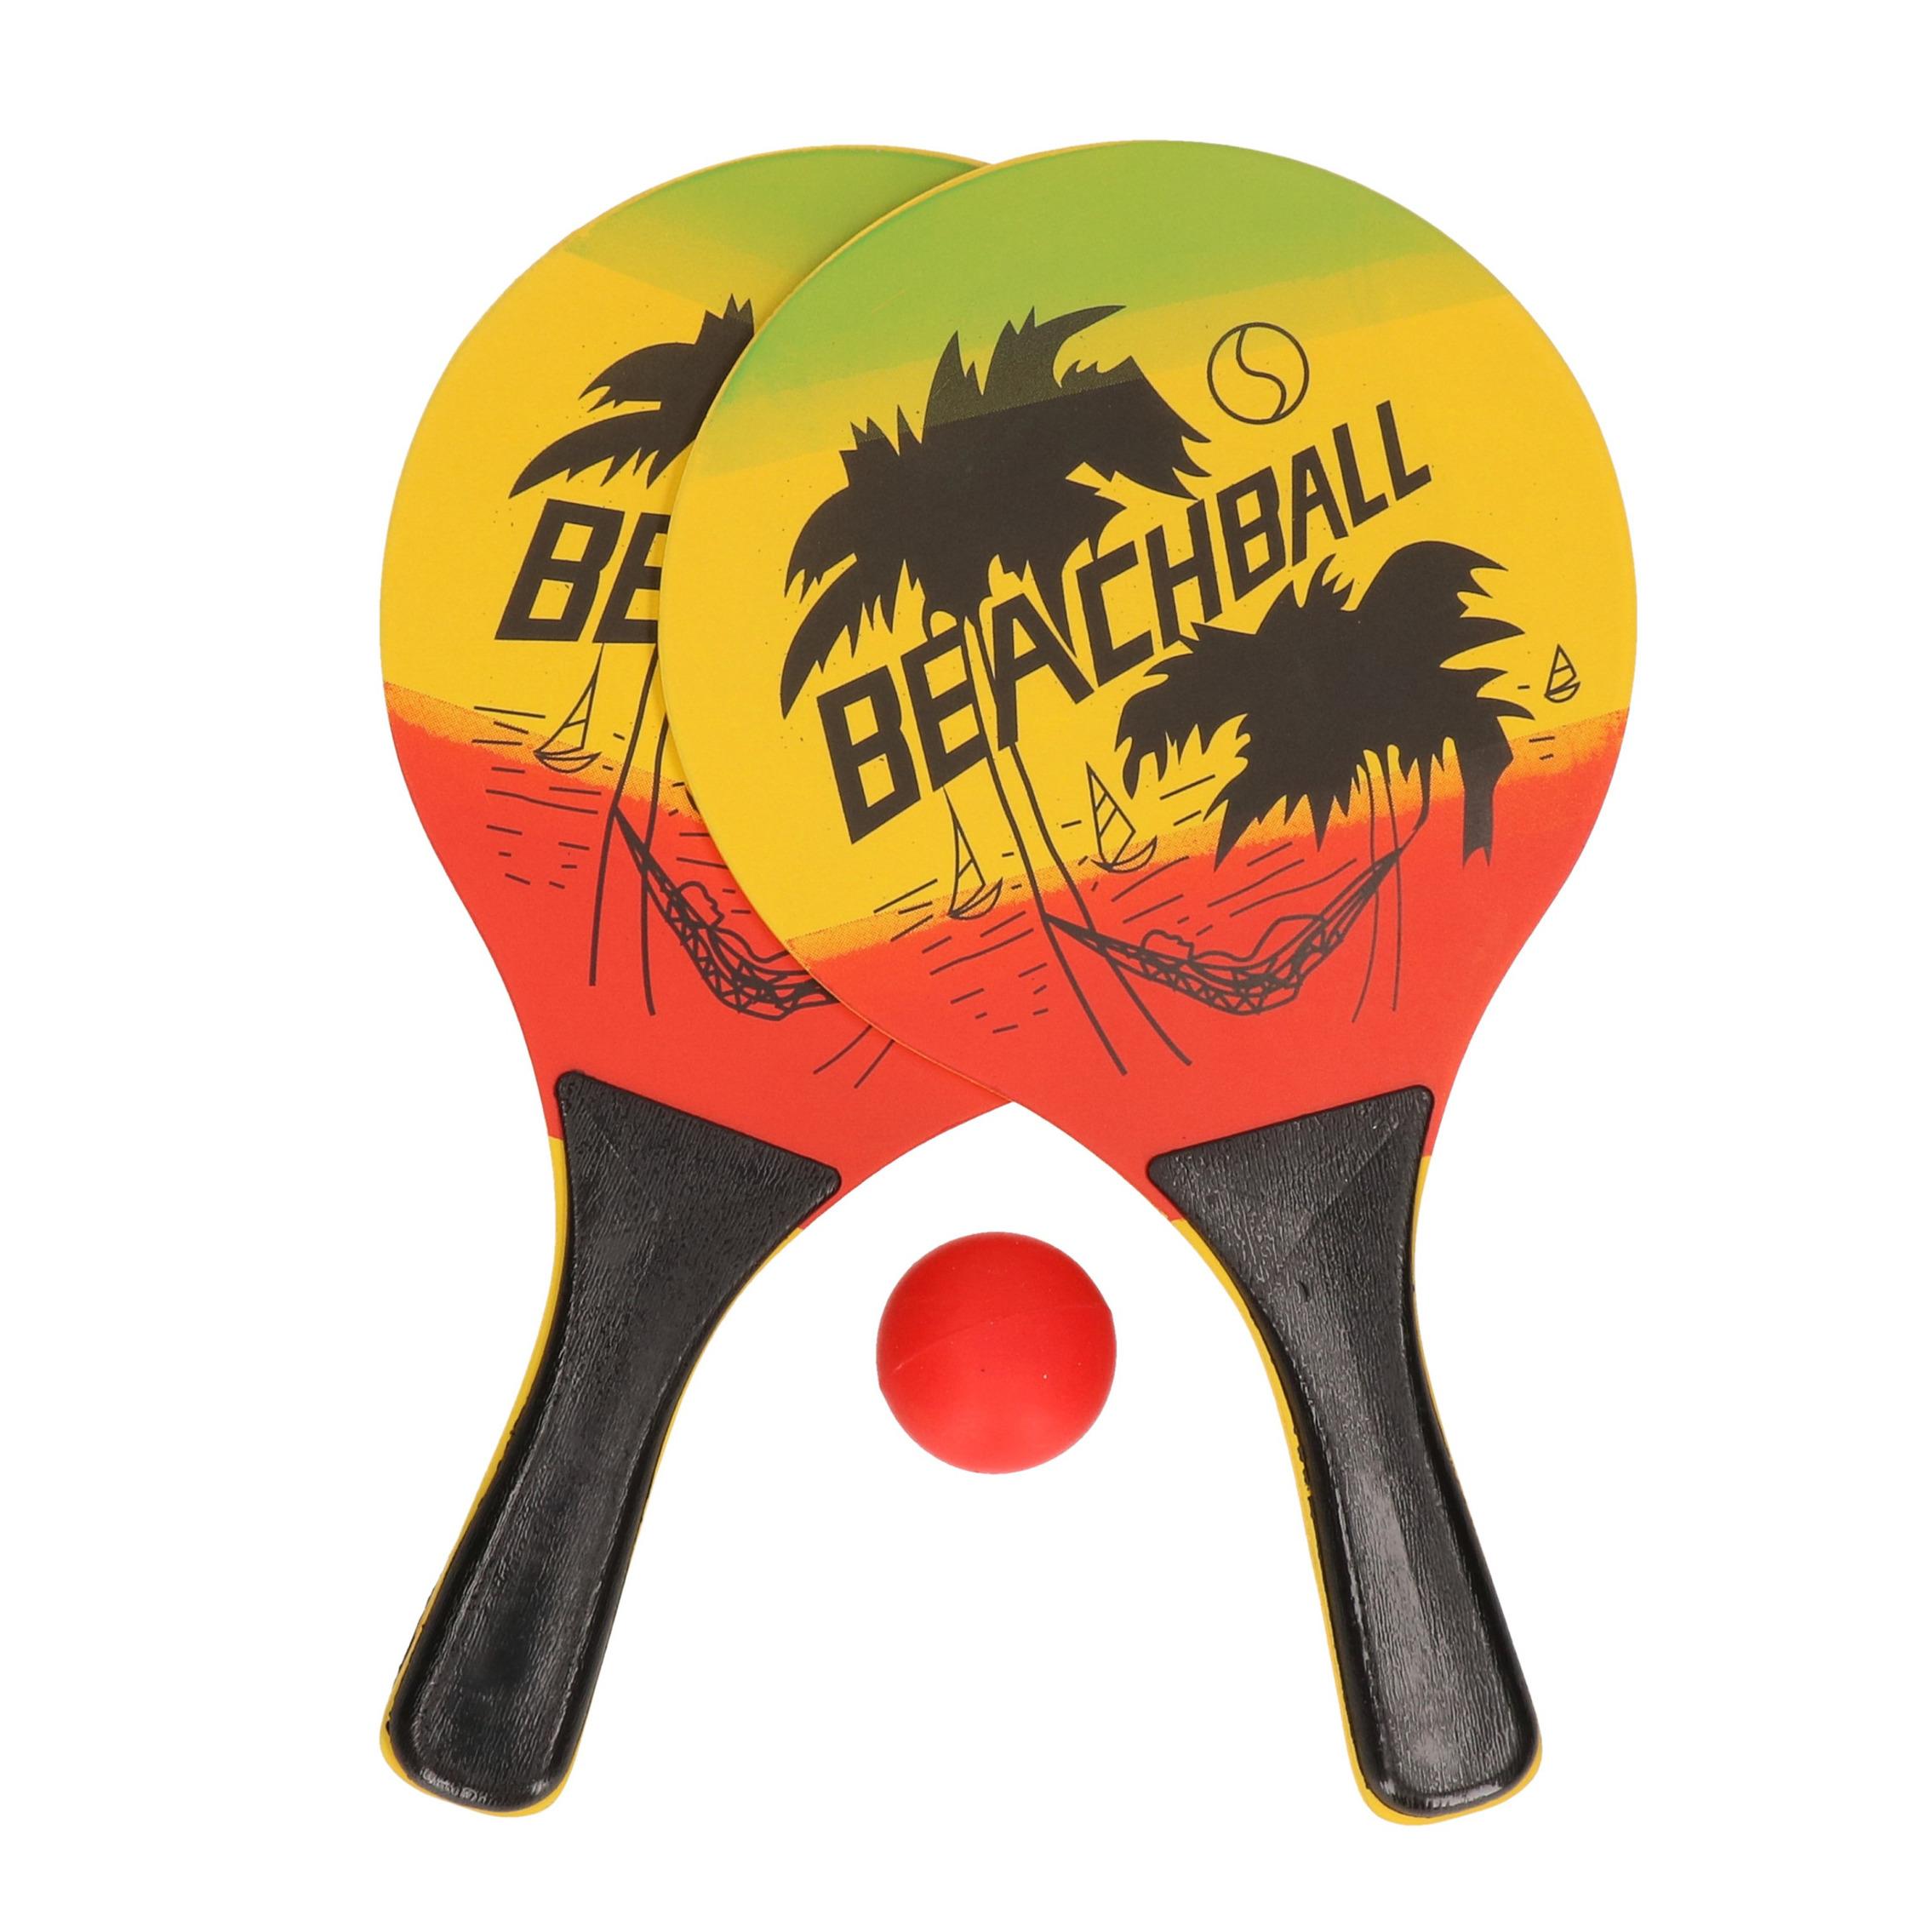 Actief speelgoed tennis/beachball setje geel/zwart